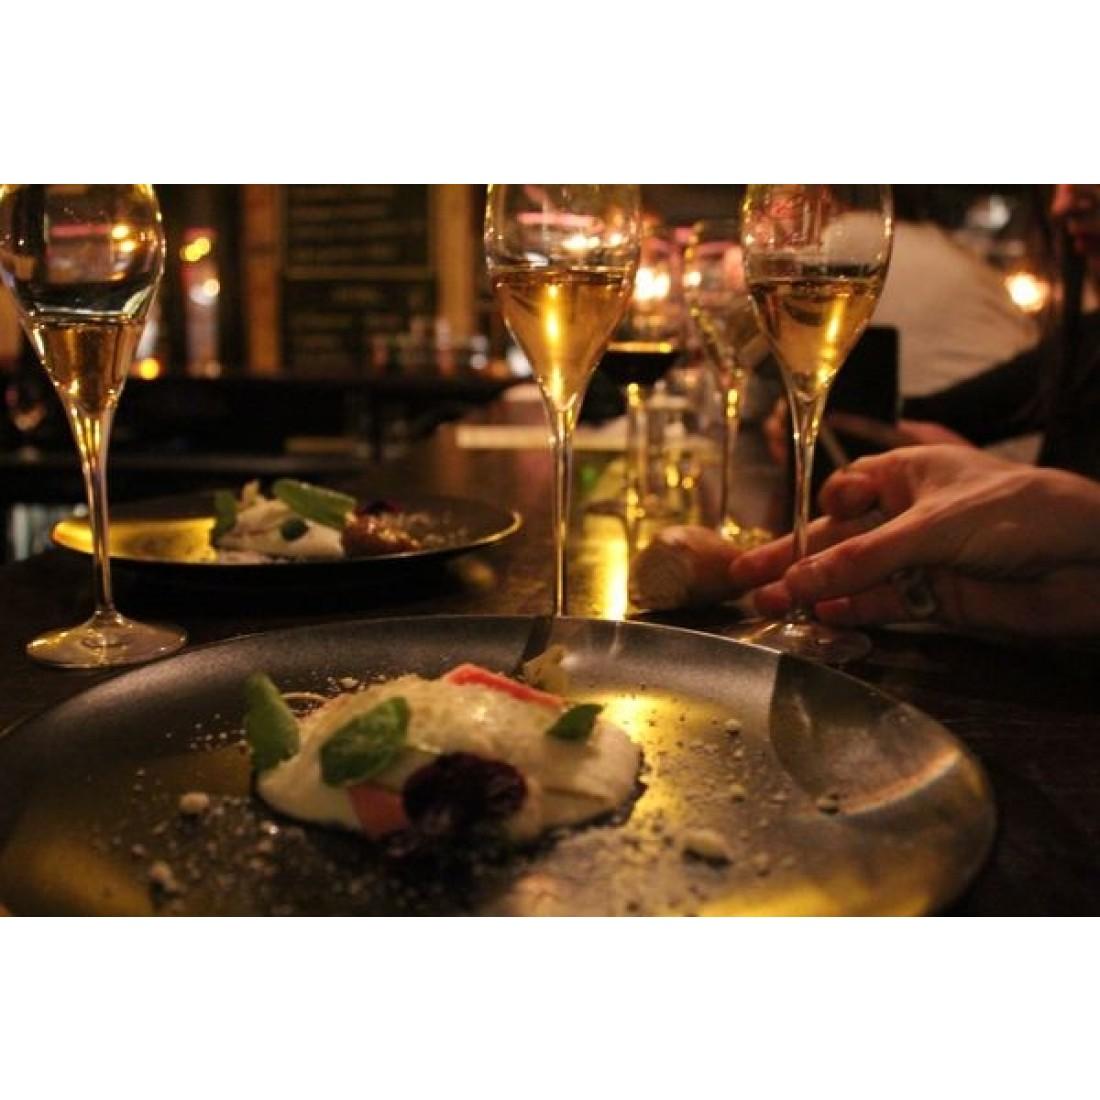 Champagnemiddag på Vesterbro Vinstue Tirsdag den 21 april kl. 18.30-31